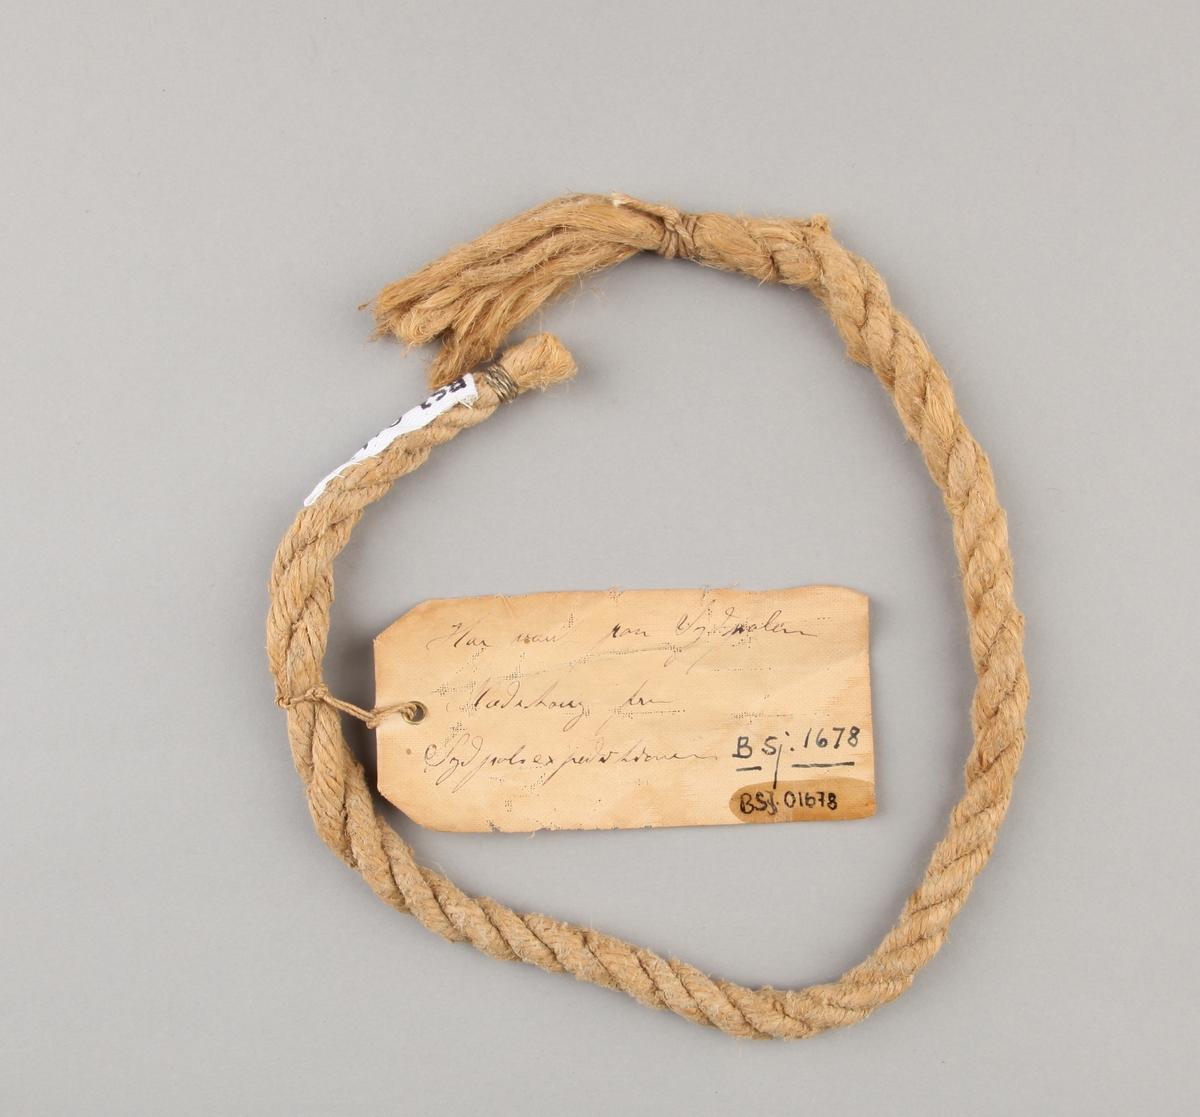 Taustump, del av slepetauene fra FRAM`s Sydpolekspedisjonen i 1911.